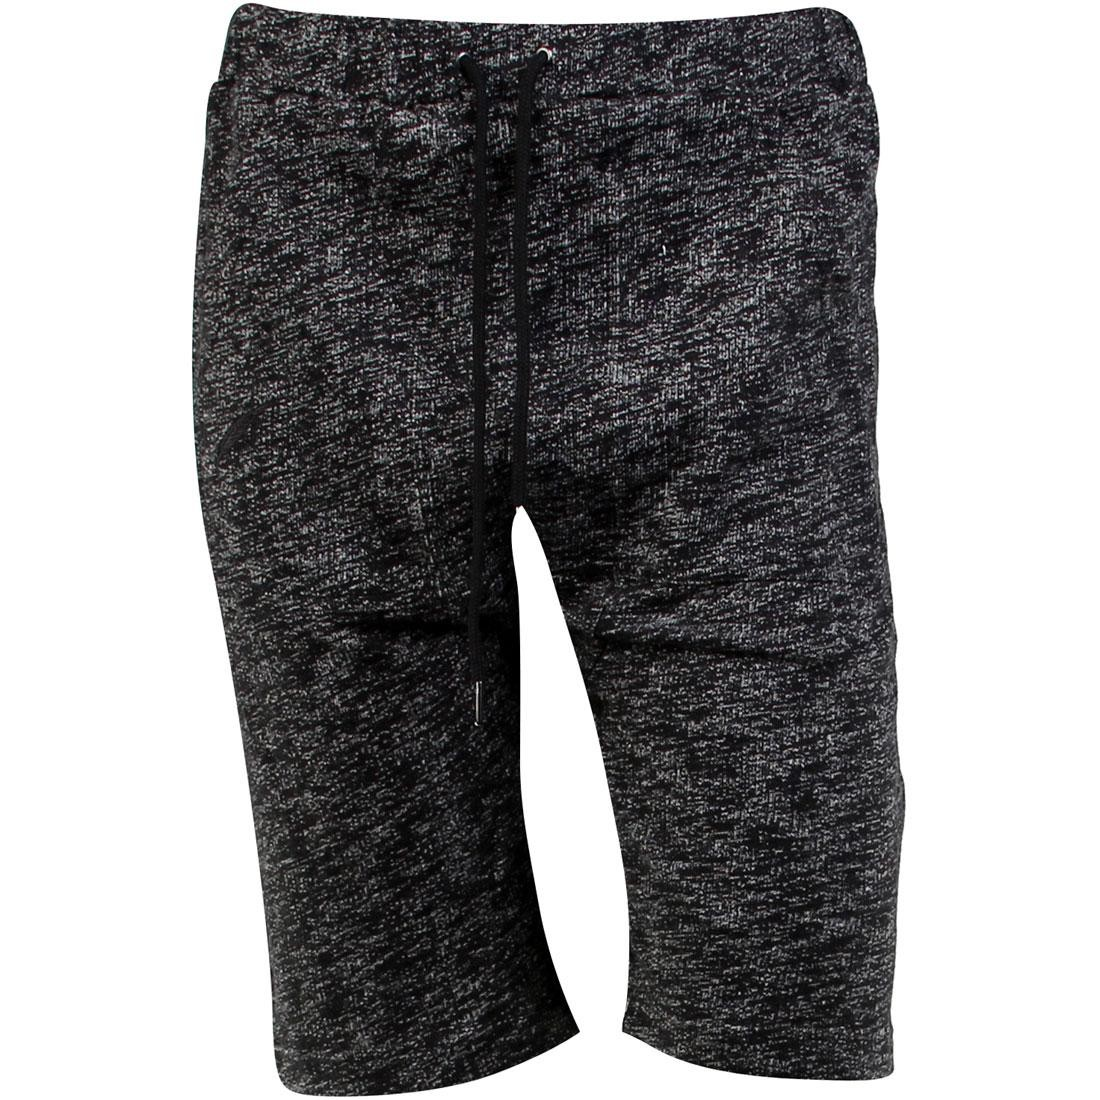 【海外限定】パブリッシュ チェイス ショーツ ハーフパンツ メンズファッション パンツ 【 PUBLISH CHASE FRENCH TERRY SLOUCH SHORTS BLACK 】